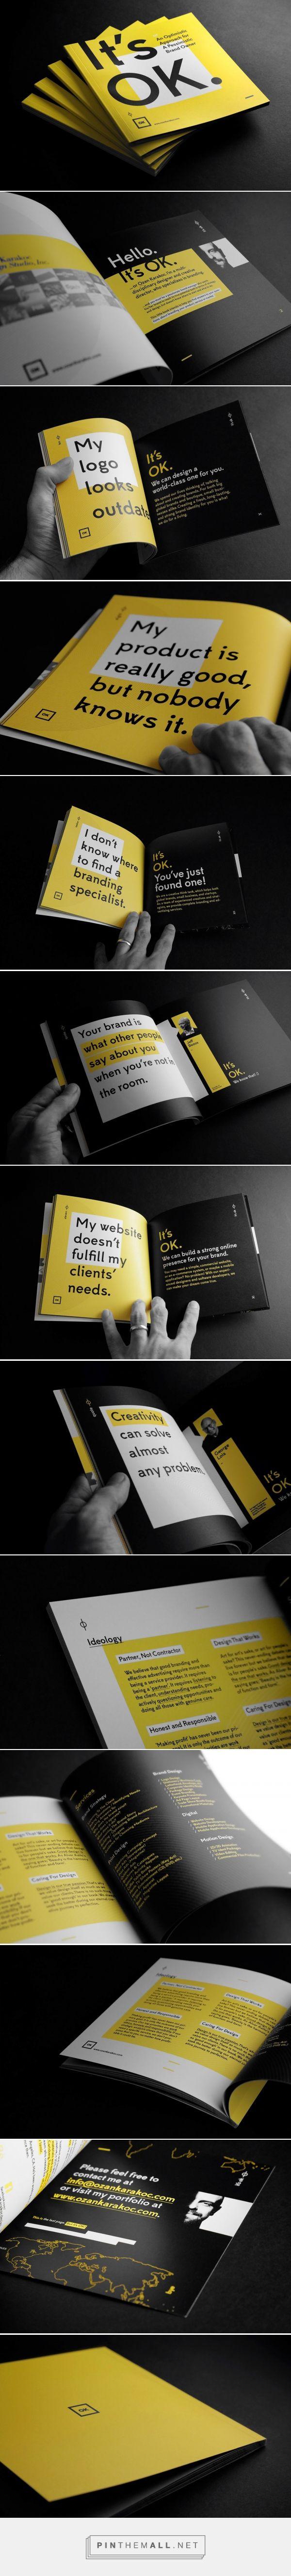 It's OK | Branding Booklet by Ozan Karakoc